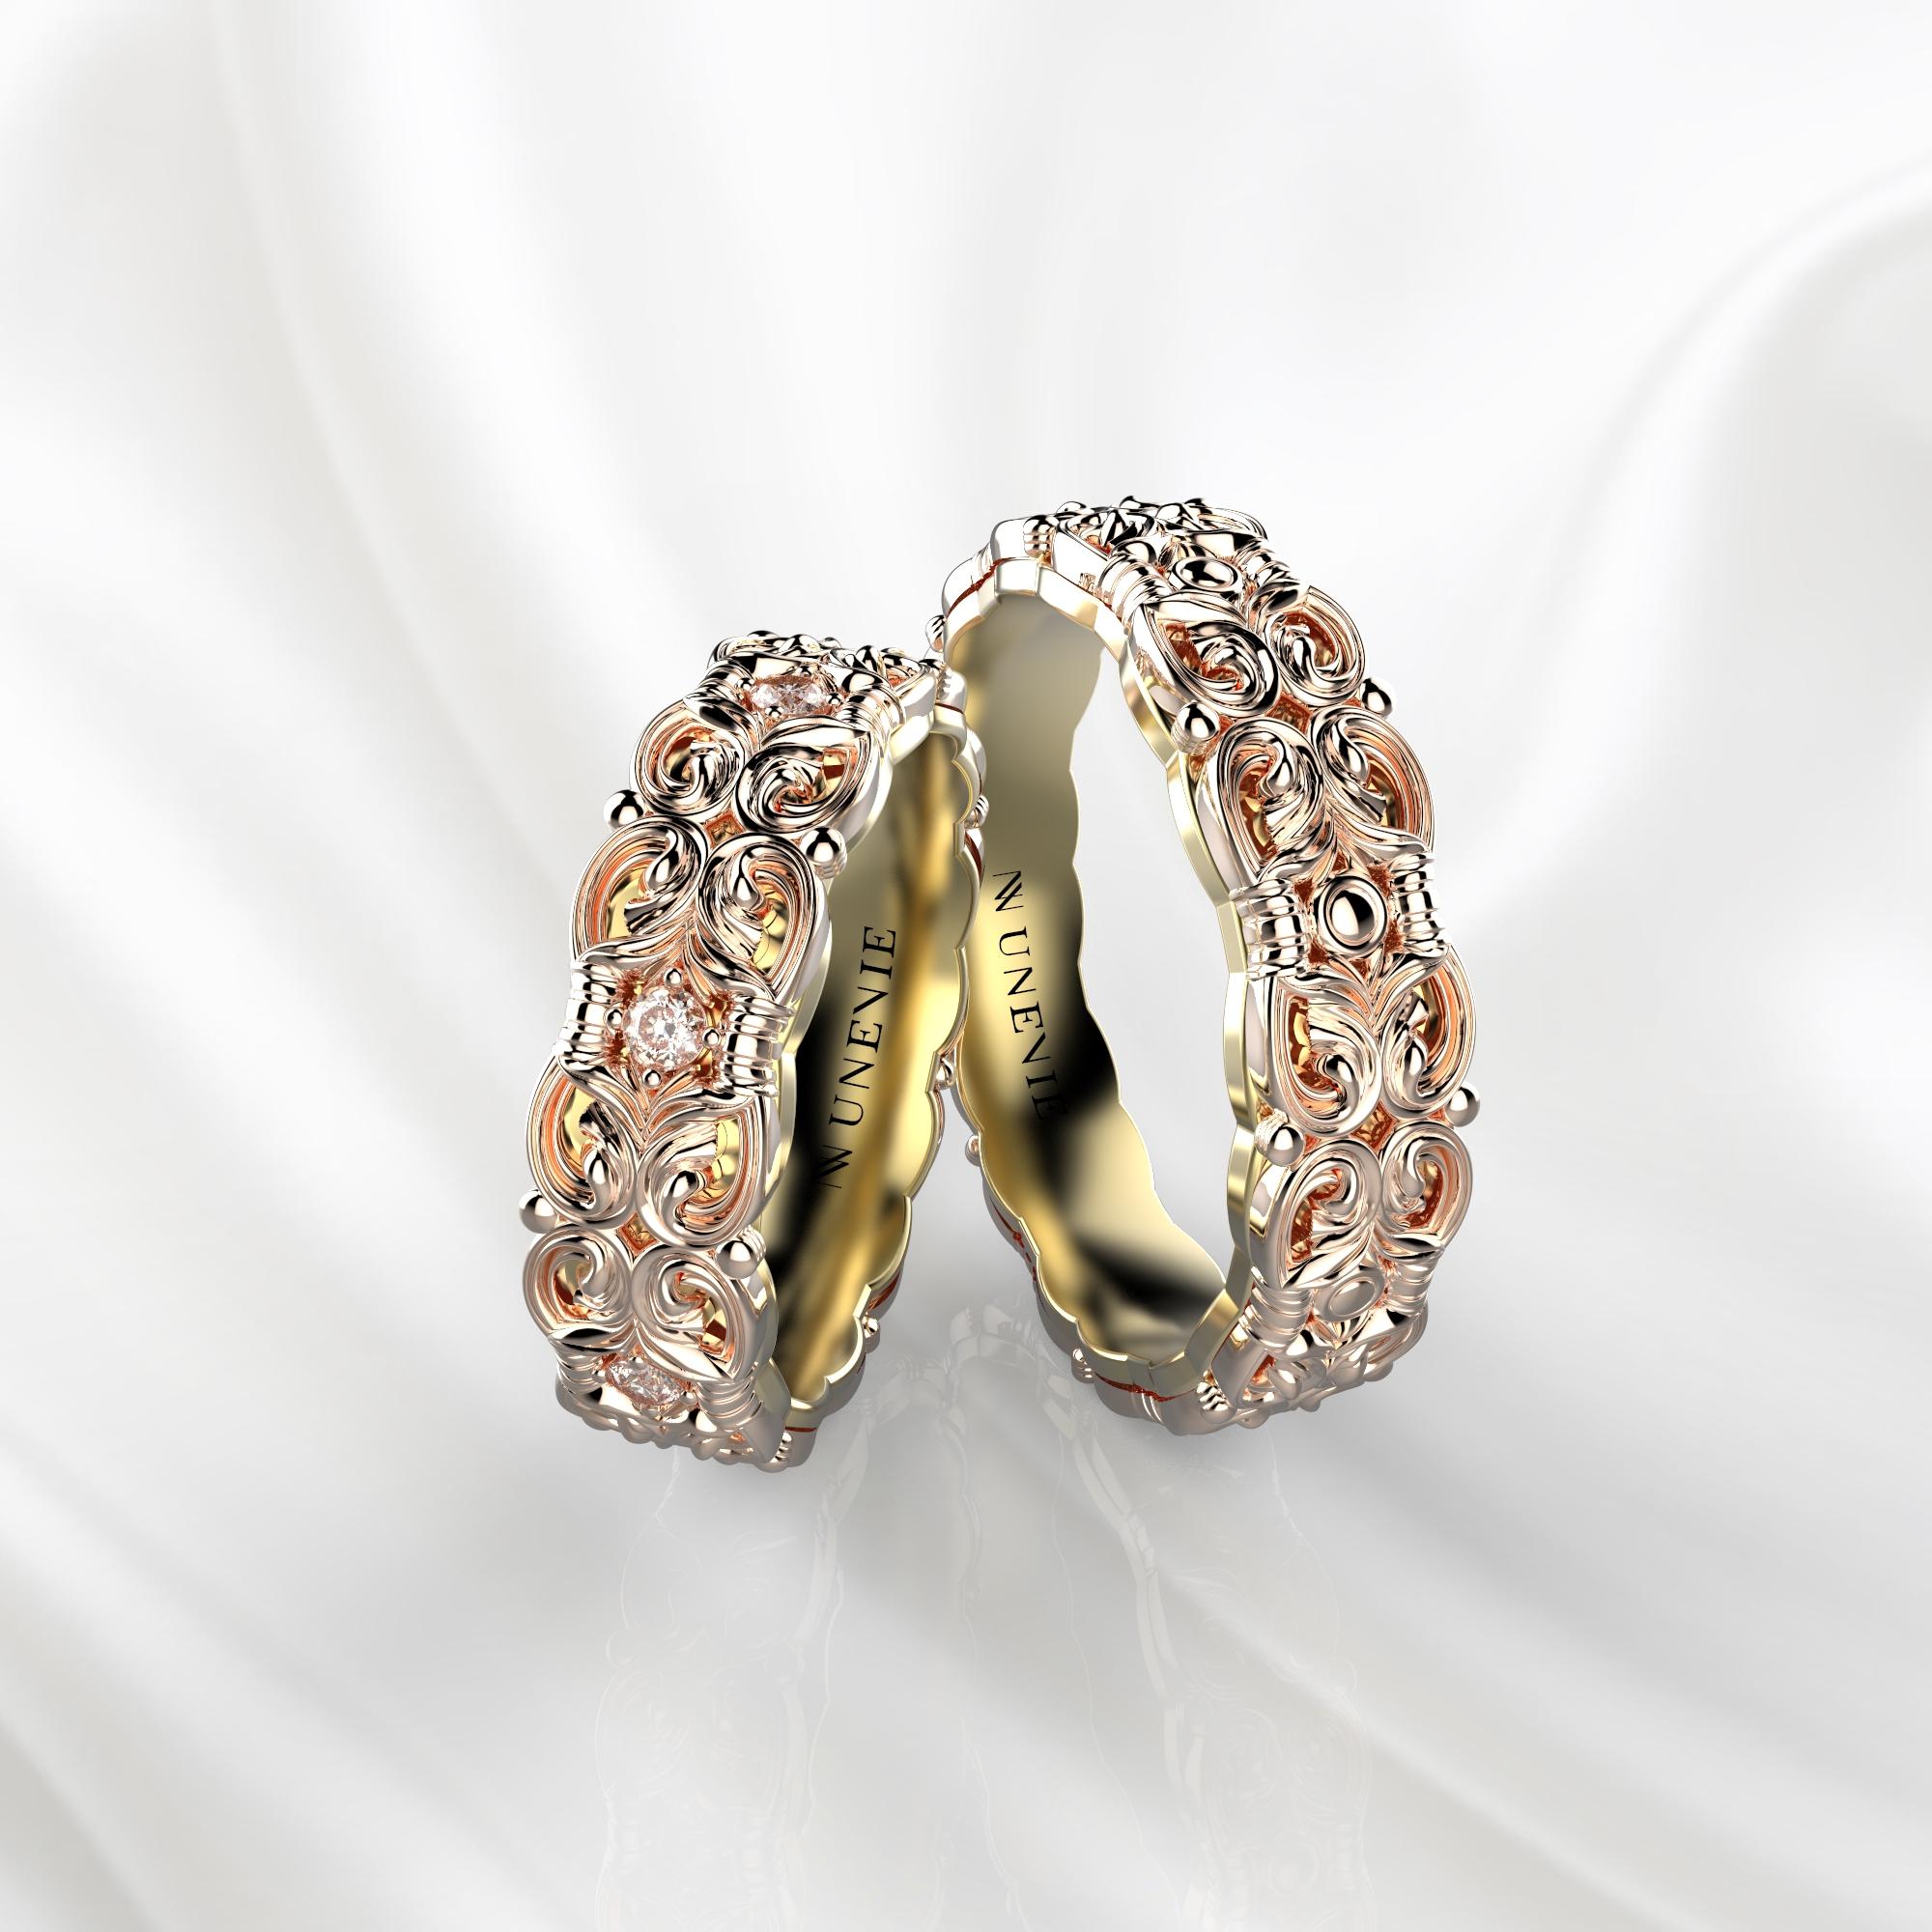 NV67 Парные обручальные кольца из розово-желтого золота с бриллиантами